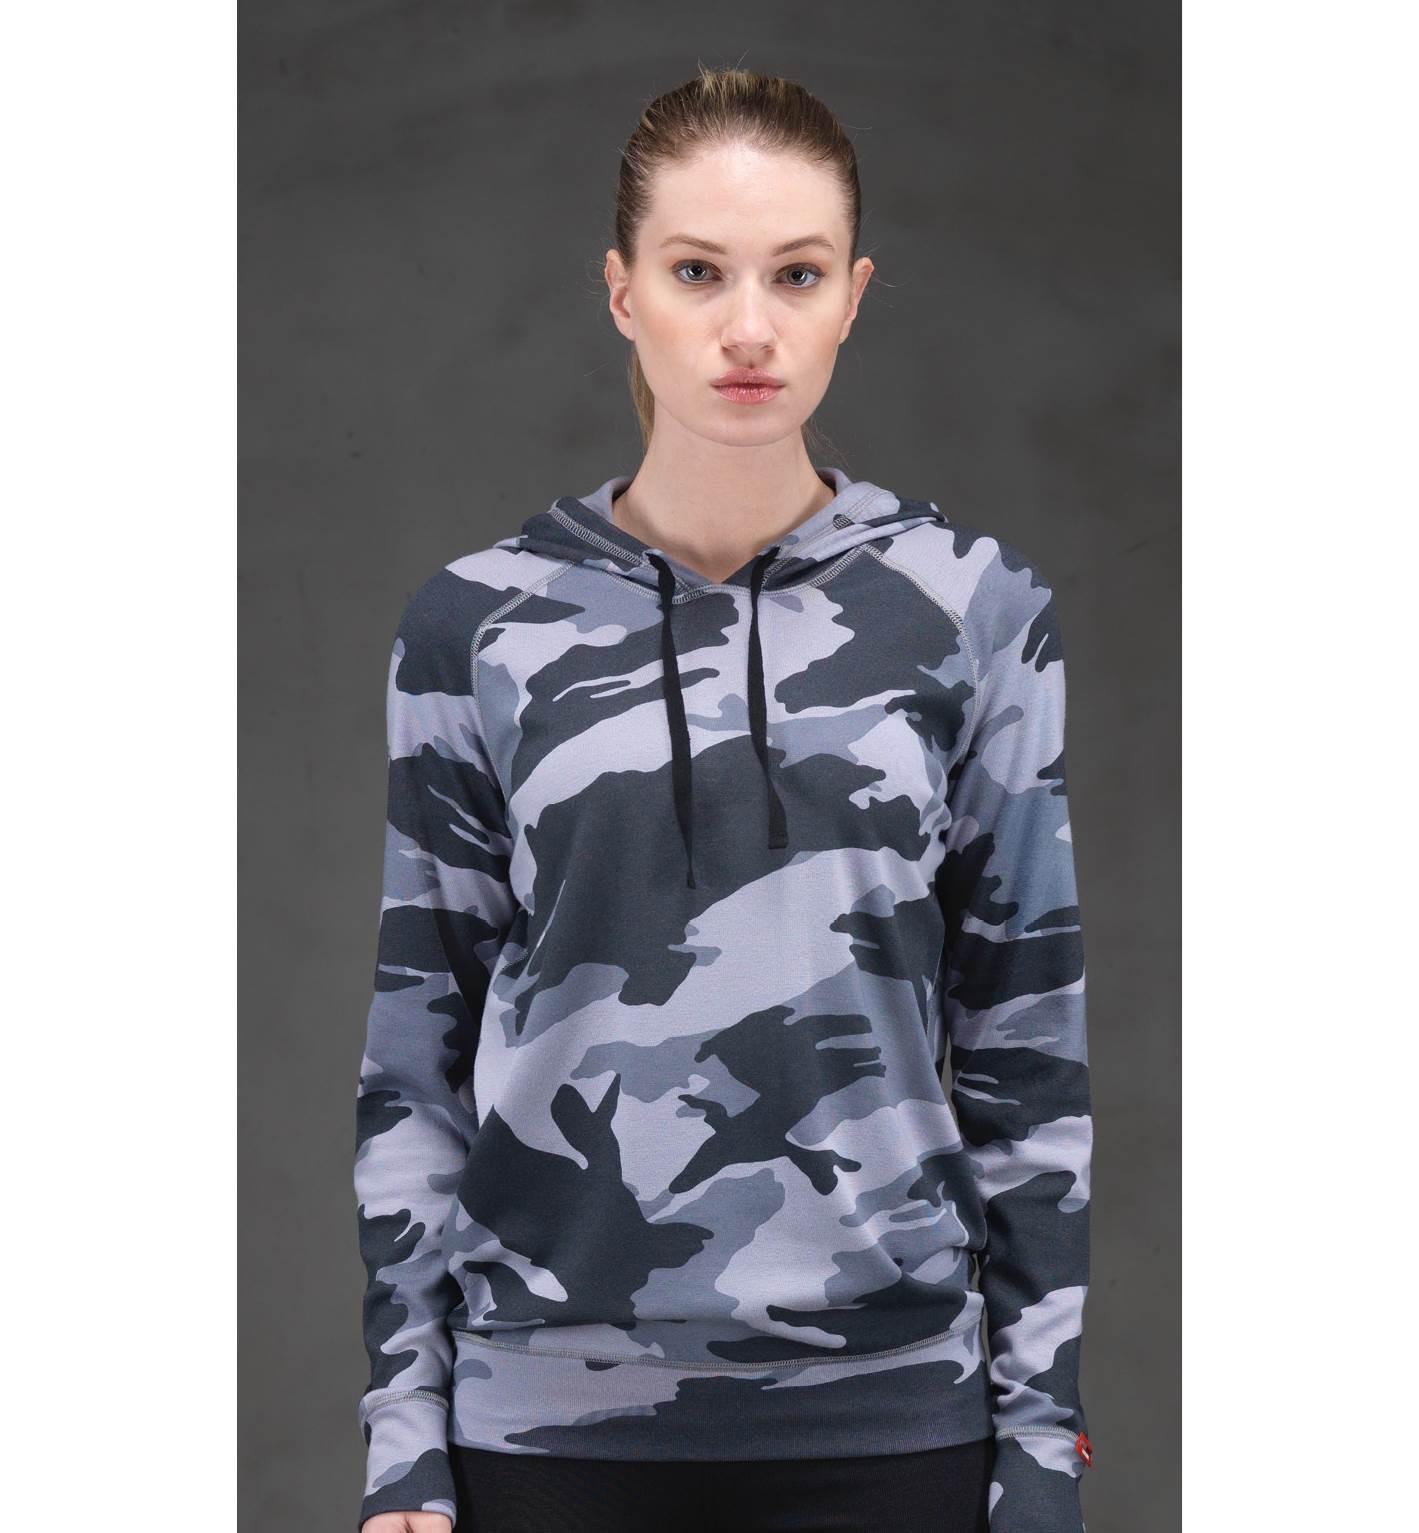 Blackspade Kadın Termal Kapşonlu Sweatshirt 2. Seviye 6194 - Antrasit